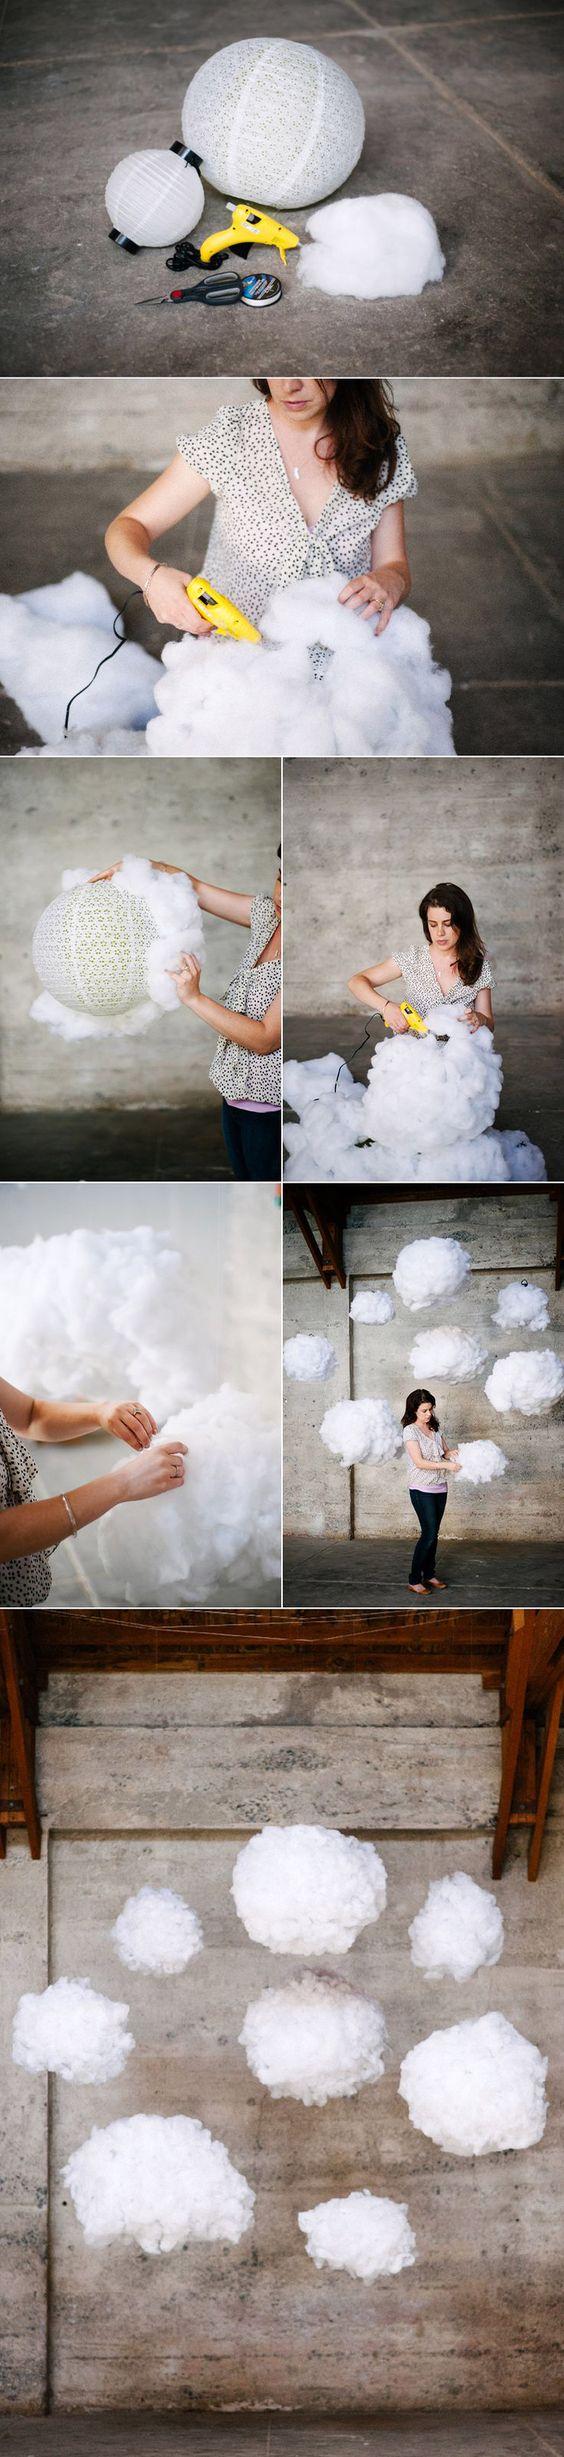 suspension luminaire nuage boule colle coton tutoriel